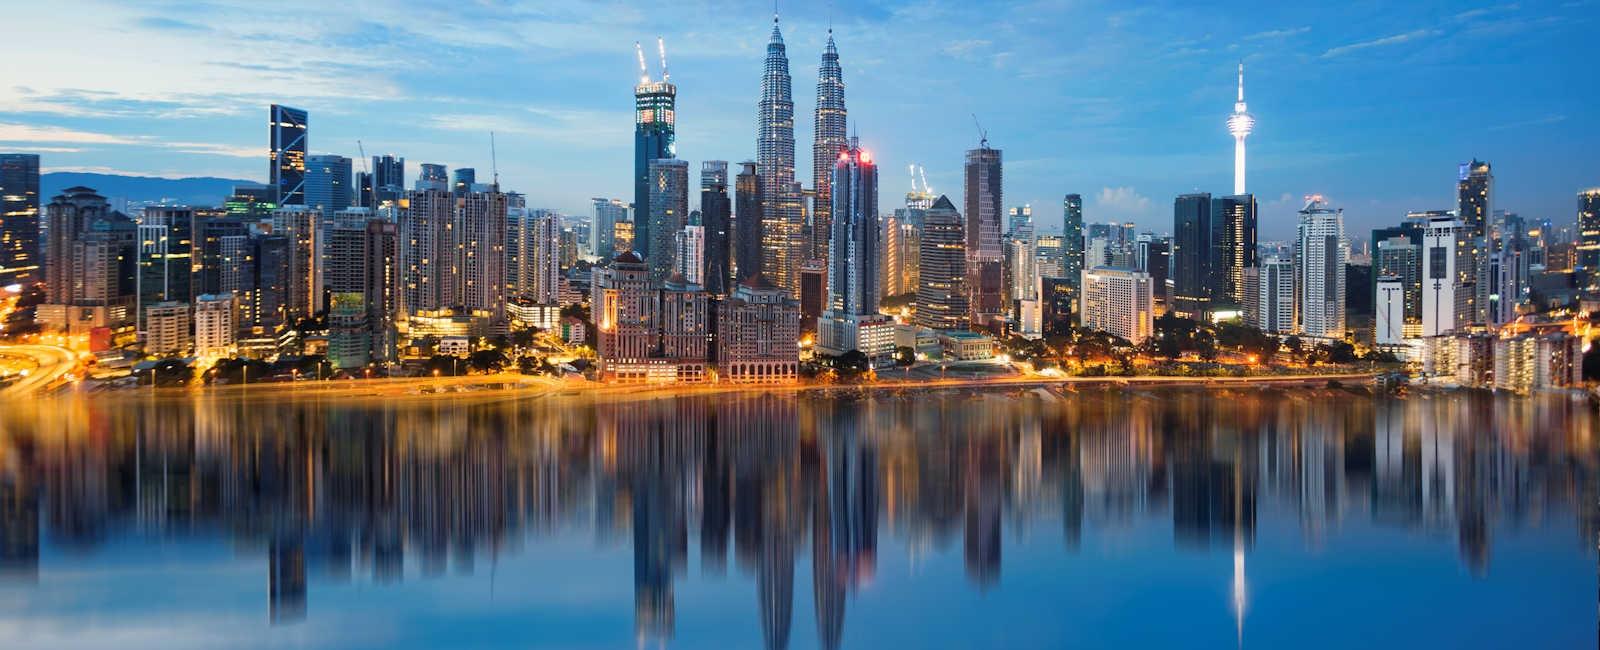 Kuala Lumpur, main image